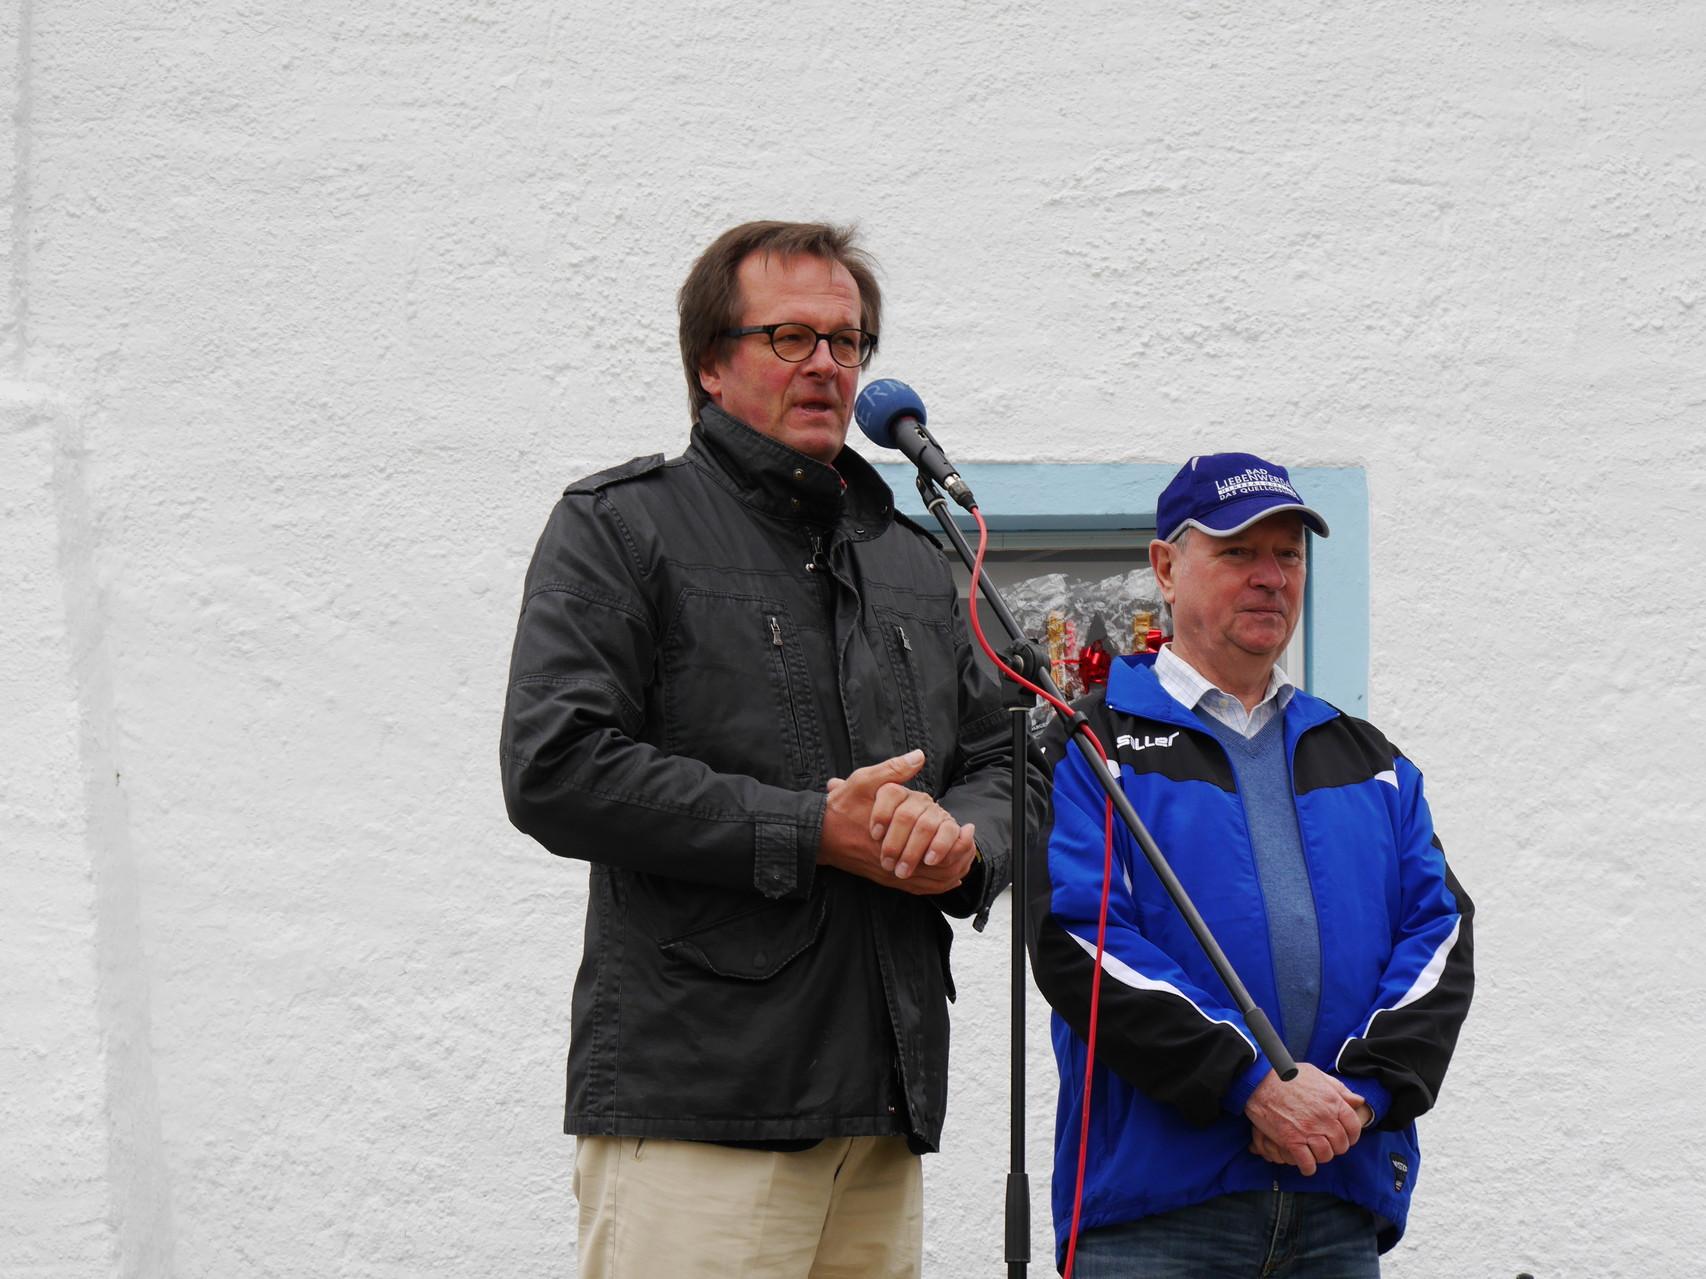 Herr Riecke würdigte das Engagement der ehrenamtlichen Mitglieder und Helfer des Vereins und die Leistungen der Sportler mit einer große, weißen, rollenden Überraschung.